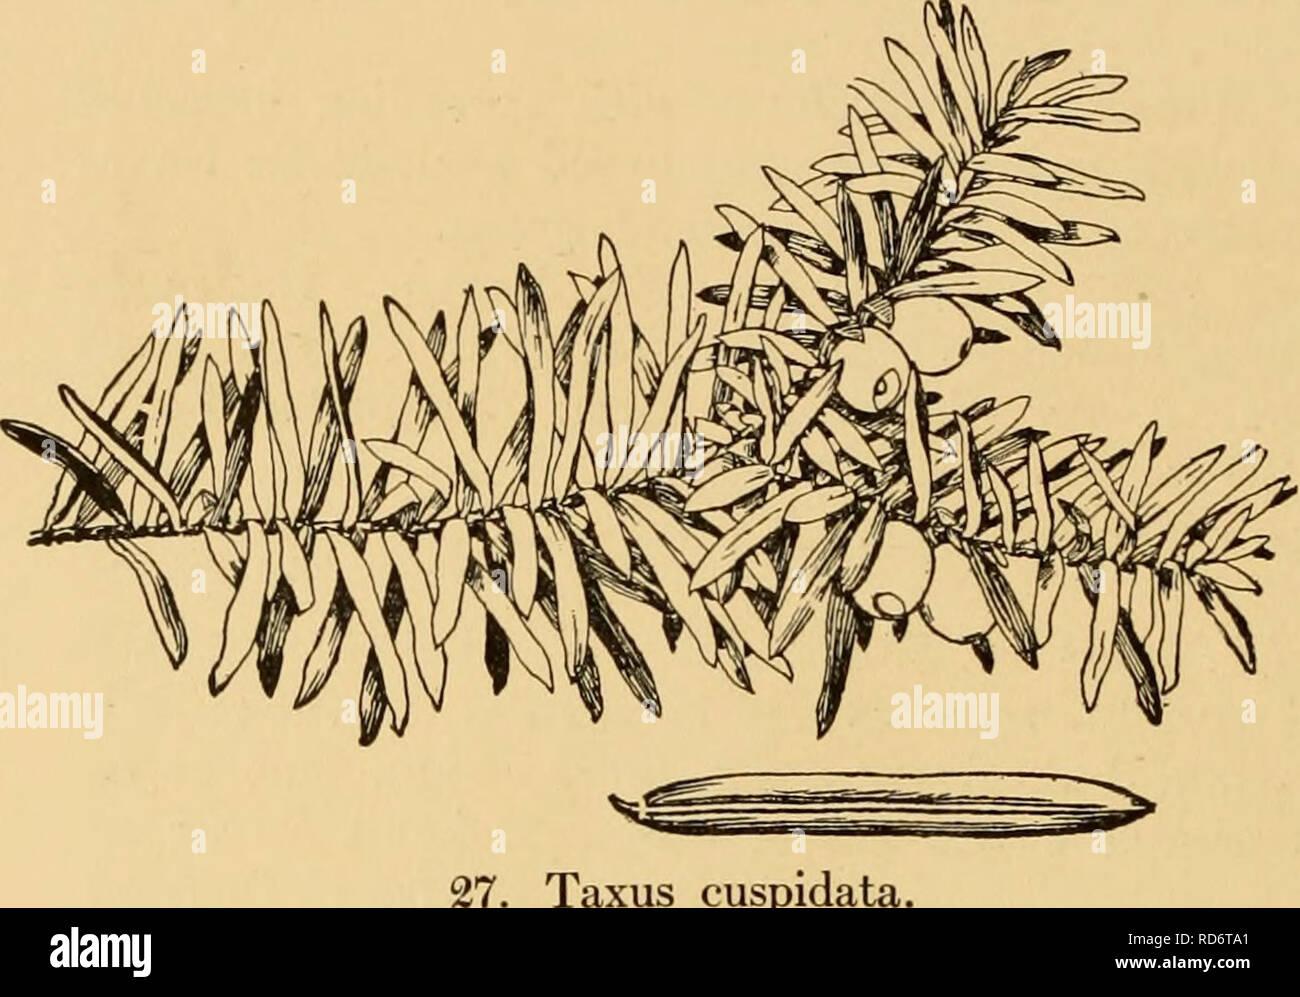 . Les conifères cultivés; un manuel de la plus importante de conifères et arbres à feuilles caduques plantés pour l'ornement dans les États-Unis et le Canada. Les conifères; les conifères. 188 Les conifères cultivés. Taxus cuspidata. légèrement à angle 2 et légèrement comprimé, avec hile orbiculaires. Le centre de la Chine. en 1908 à l'Arnold Arboretum. Hardy aussi loin au nord que le Massachusetts uniquement dans des endroits abrités. Les plantes en culture sont encore trop jeunes pour permettre une opinion à l'égard de la valeur de cet ornement yew; son feuillage est de couleur plus claire que celle des espèces suivantes; dans son nativ Banque D'Images